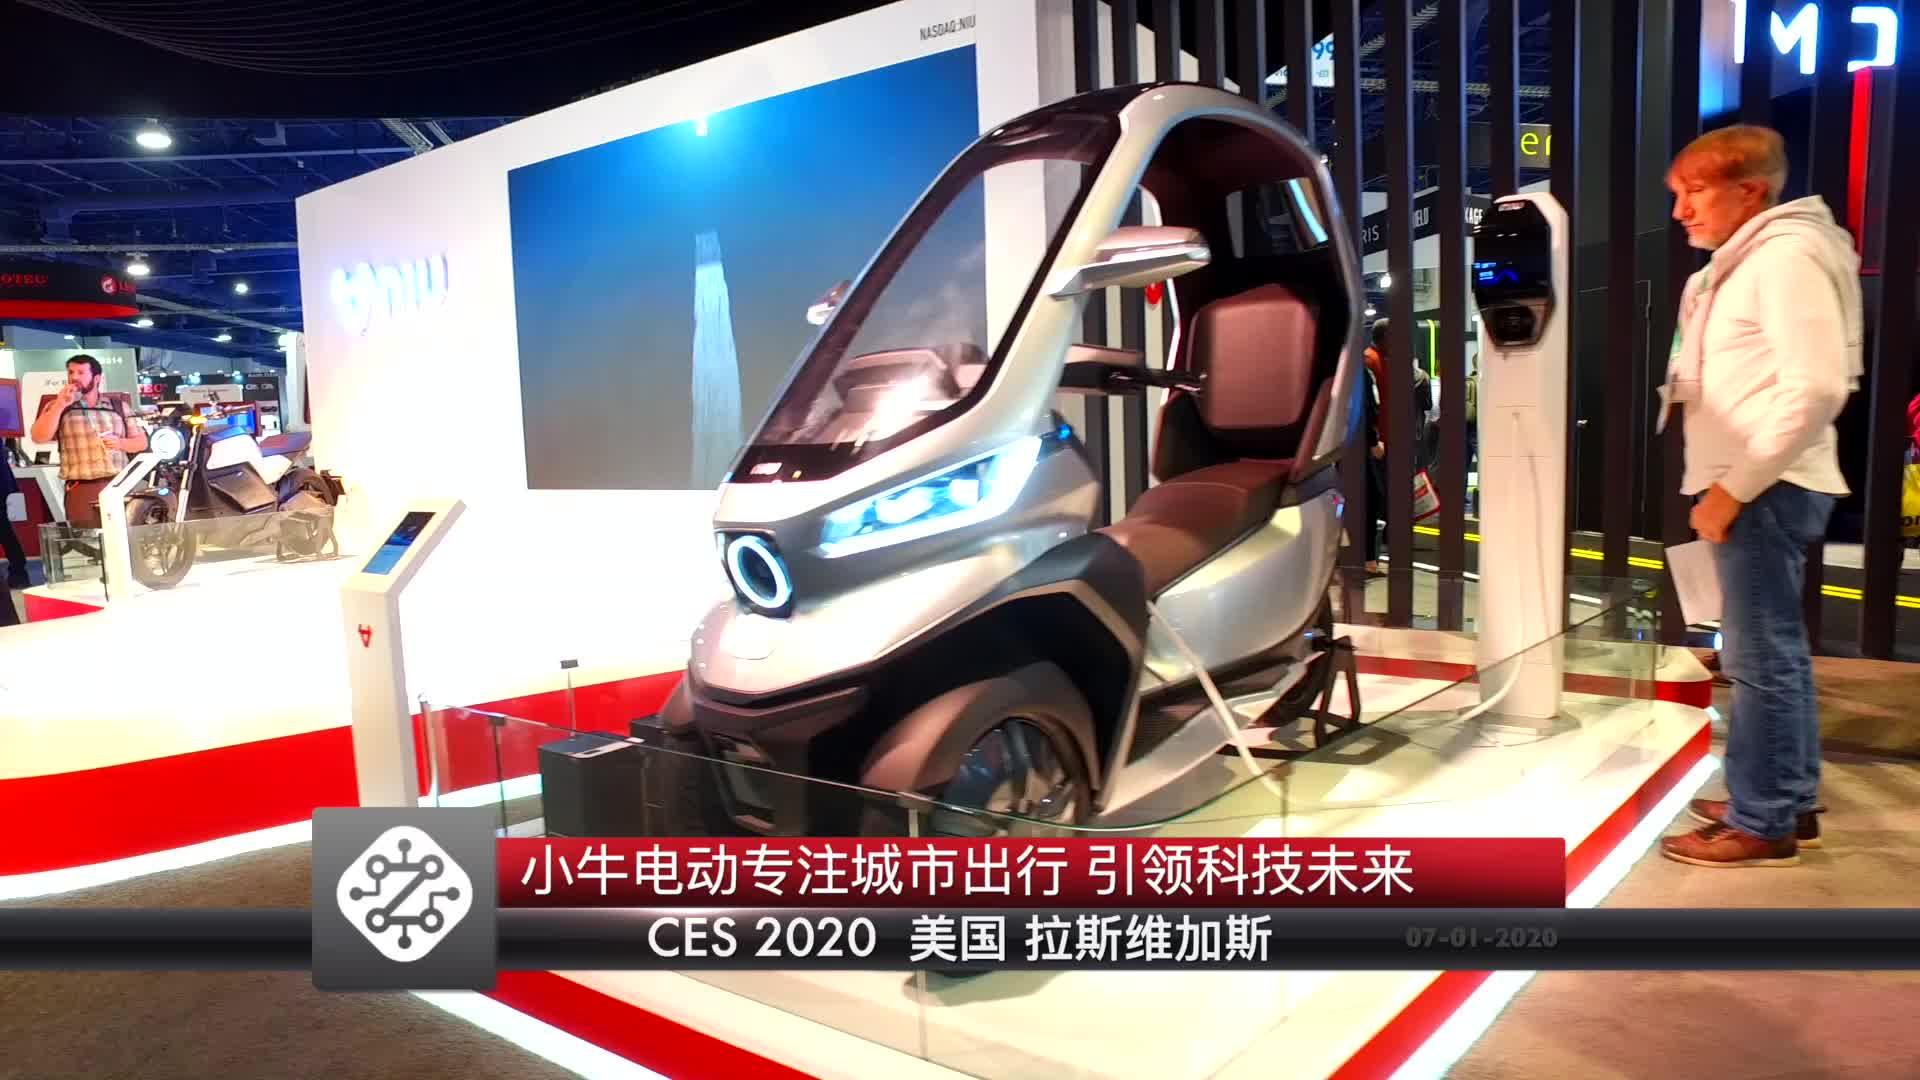 小牛电动CES2020发布新品 专注城市出行 引领科技未来